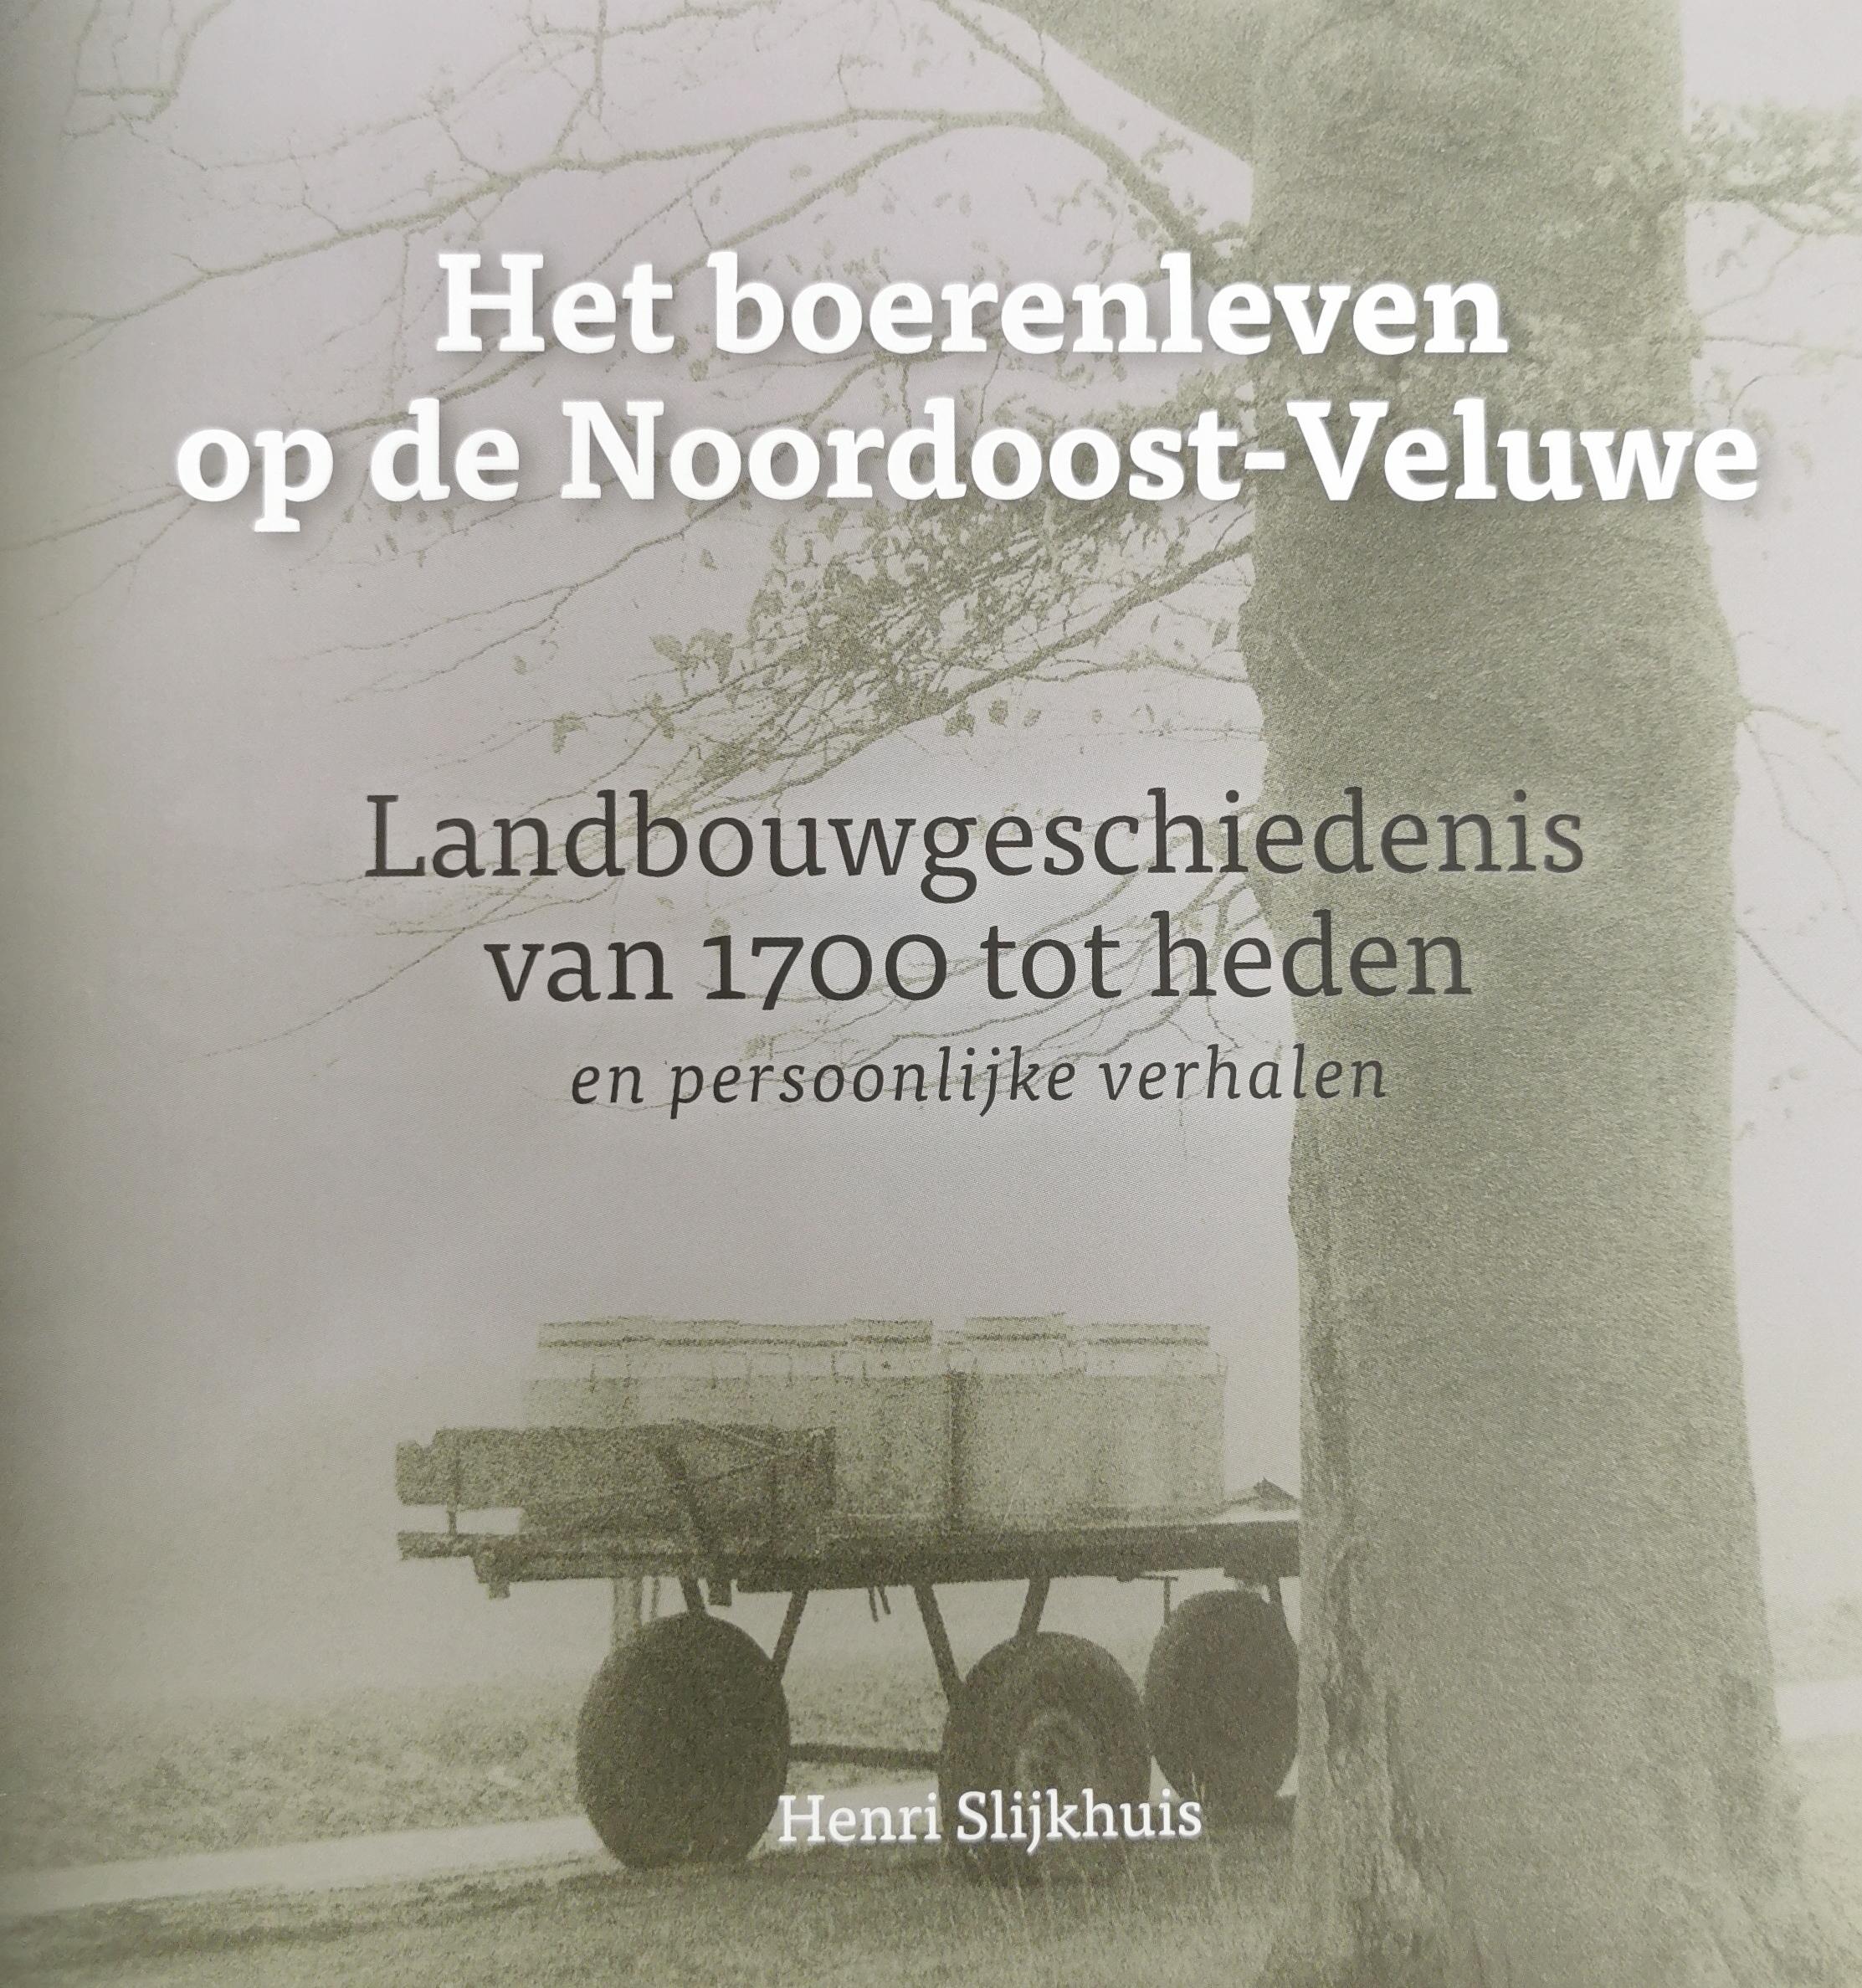 Het boerenleven op de Noordoost-Veluwe